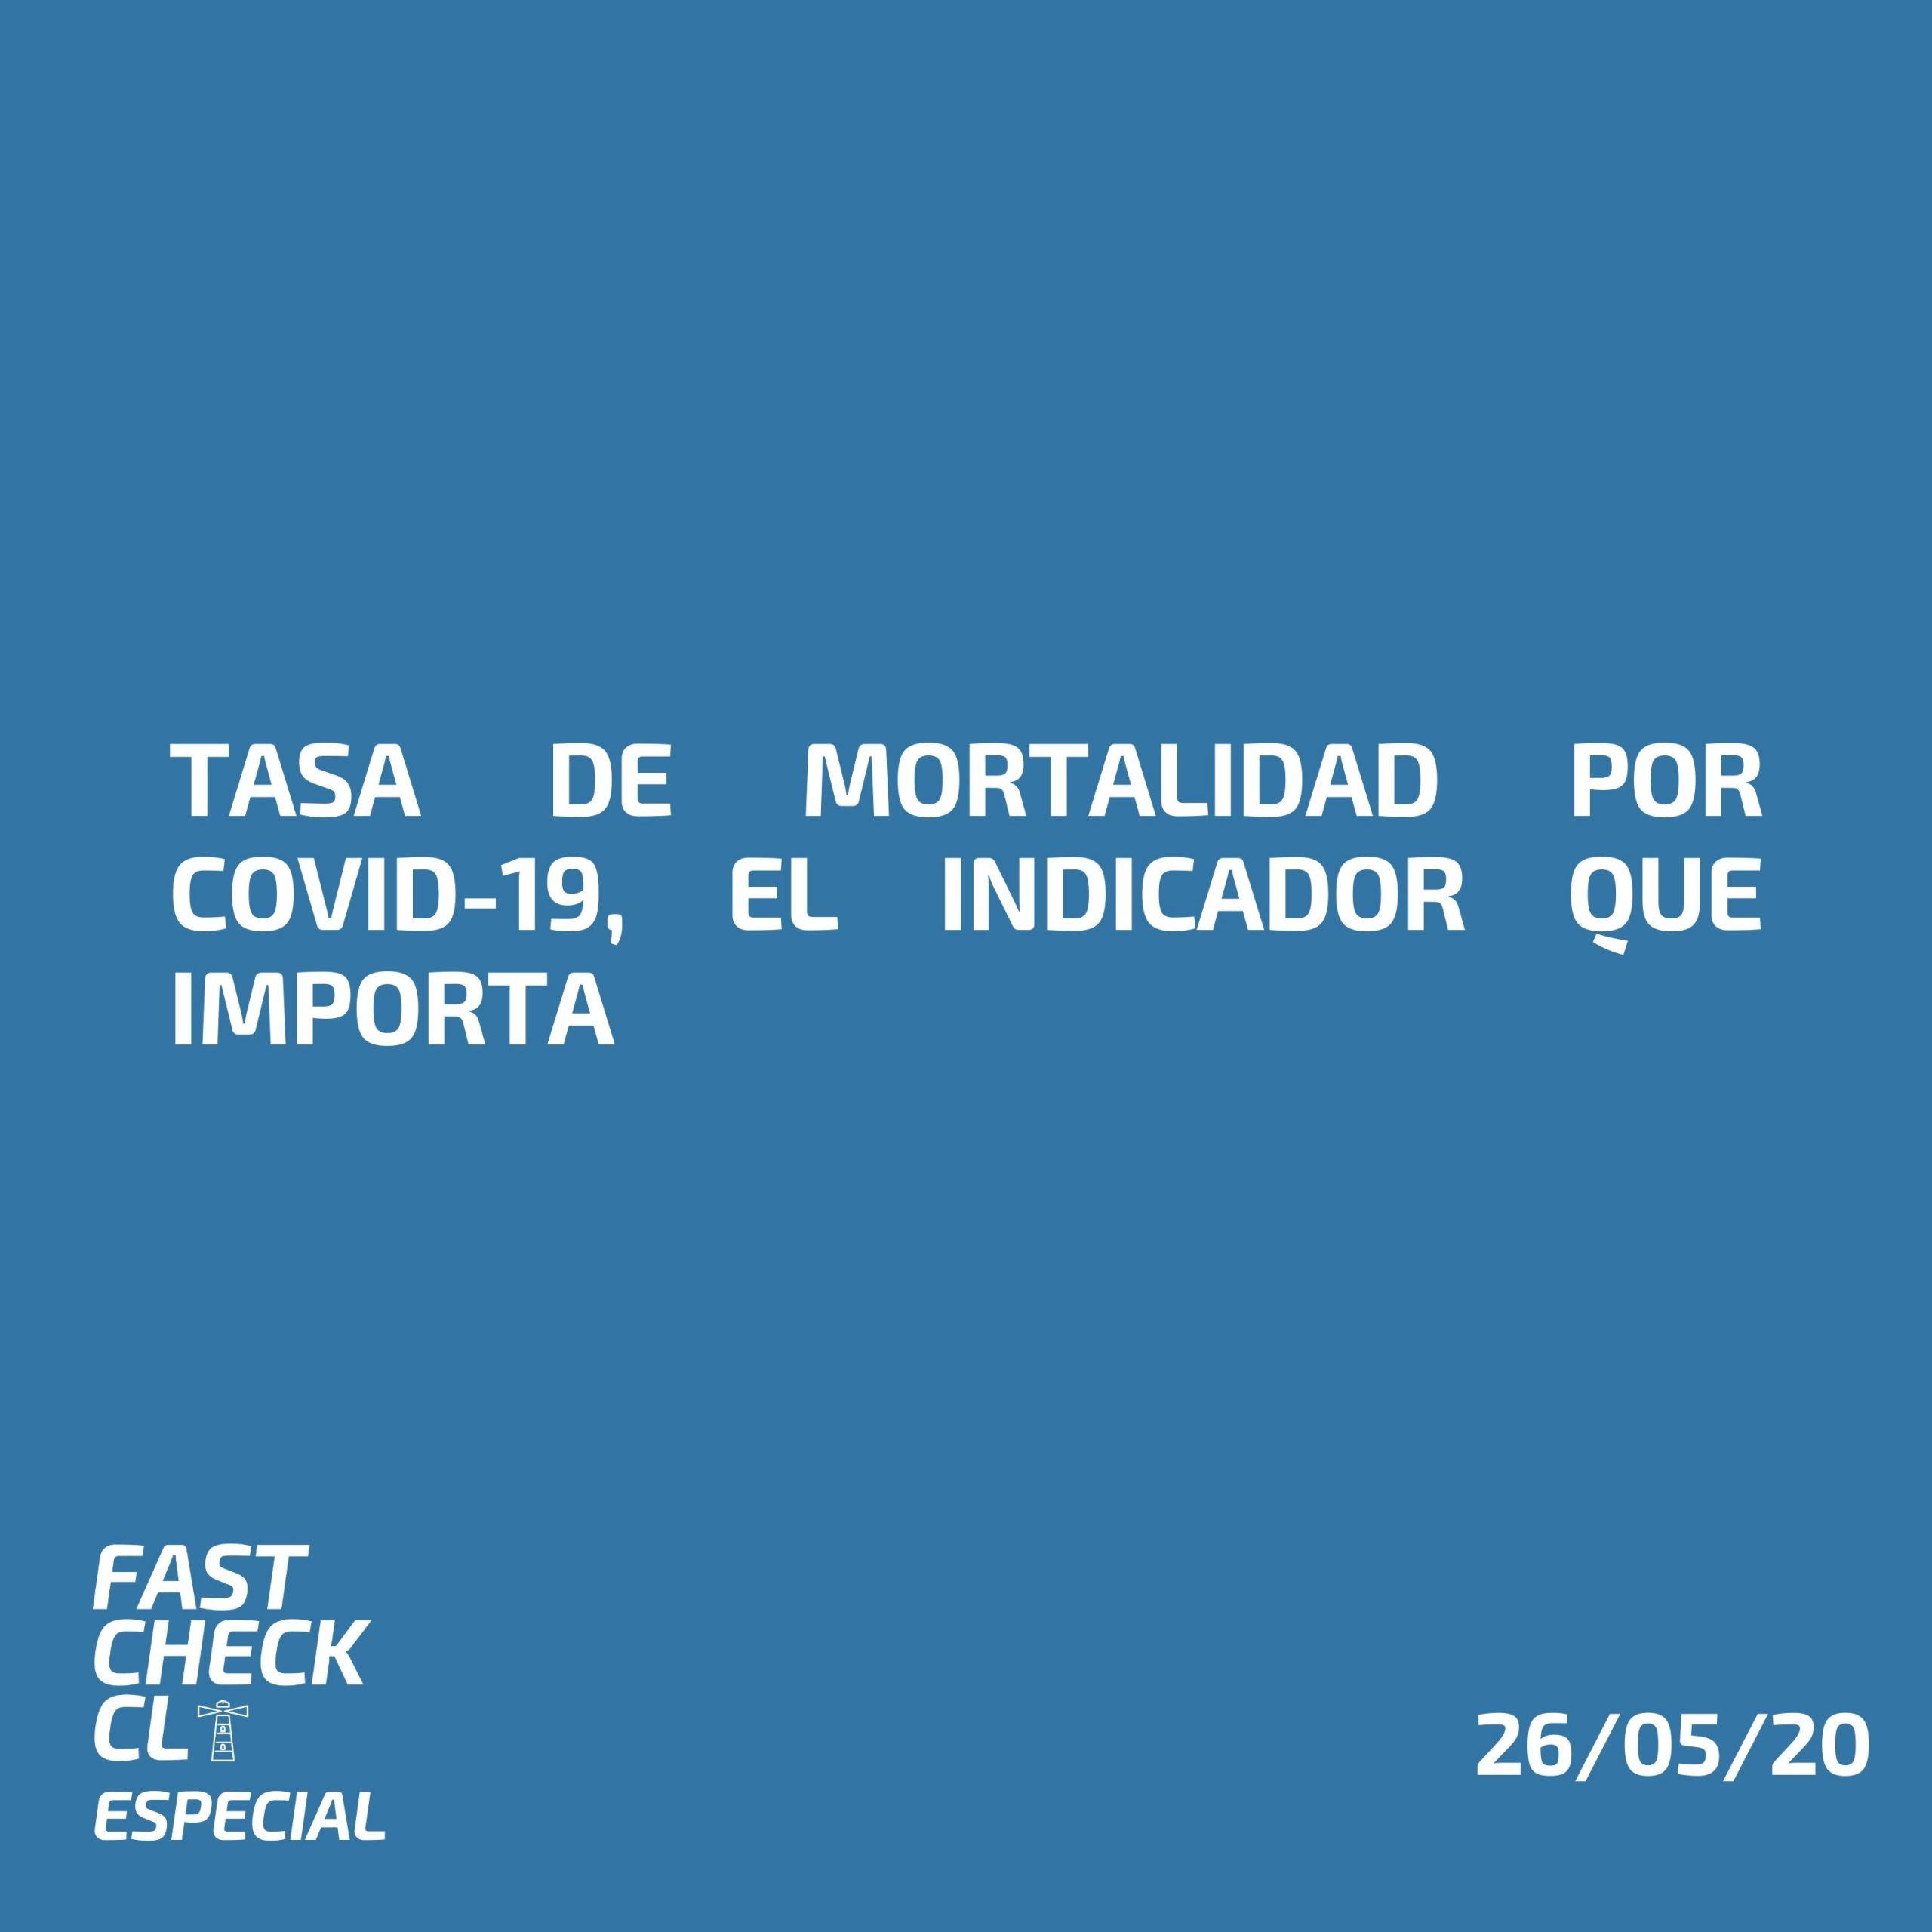 Tasa de Mortalidad por Covid-19, el indicador que importa.